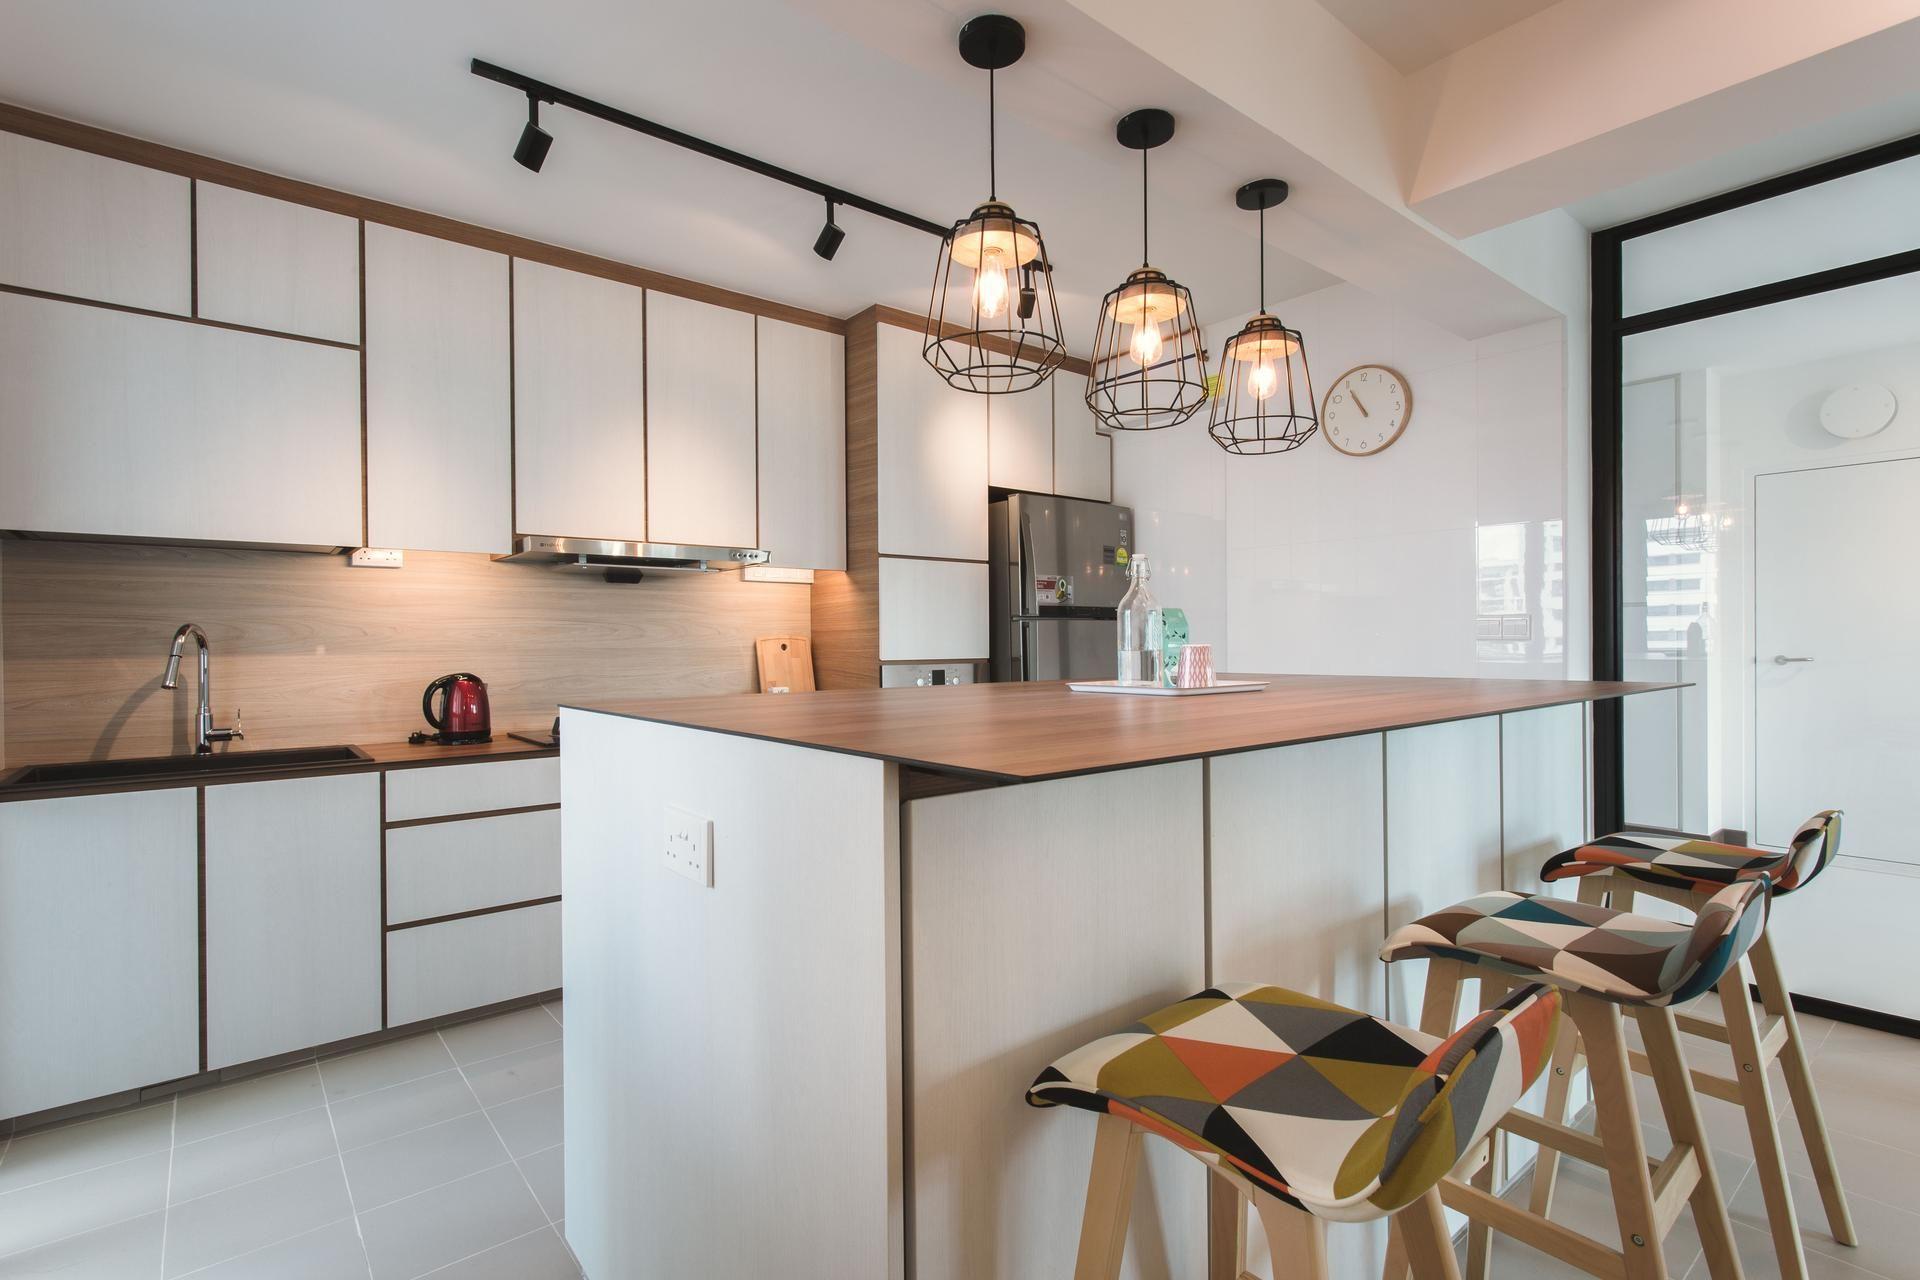 home interior design and custom carpentry singapore interior design singapore home interior on kitchen ideas singapore id=13524